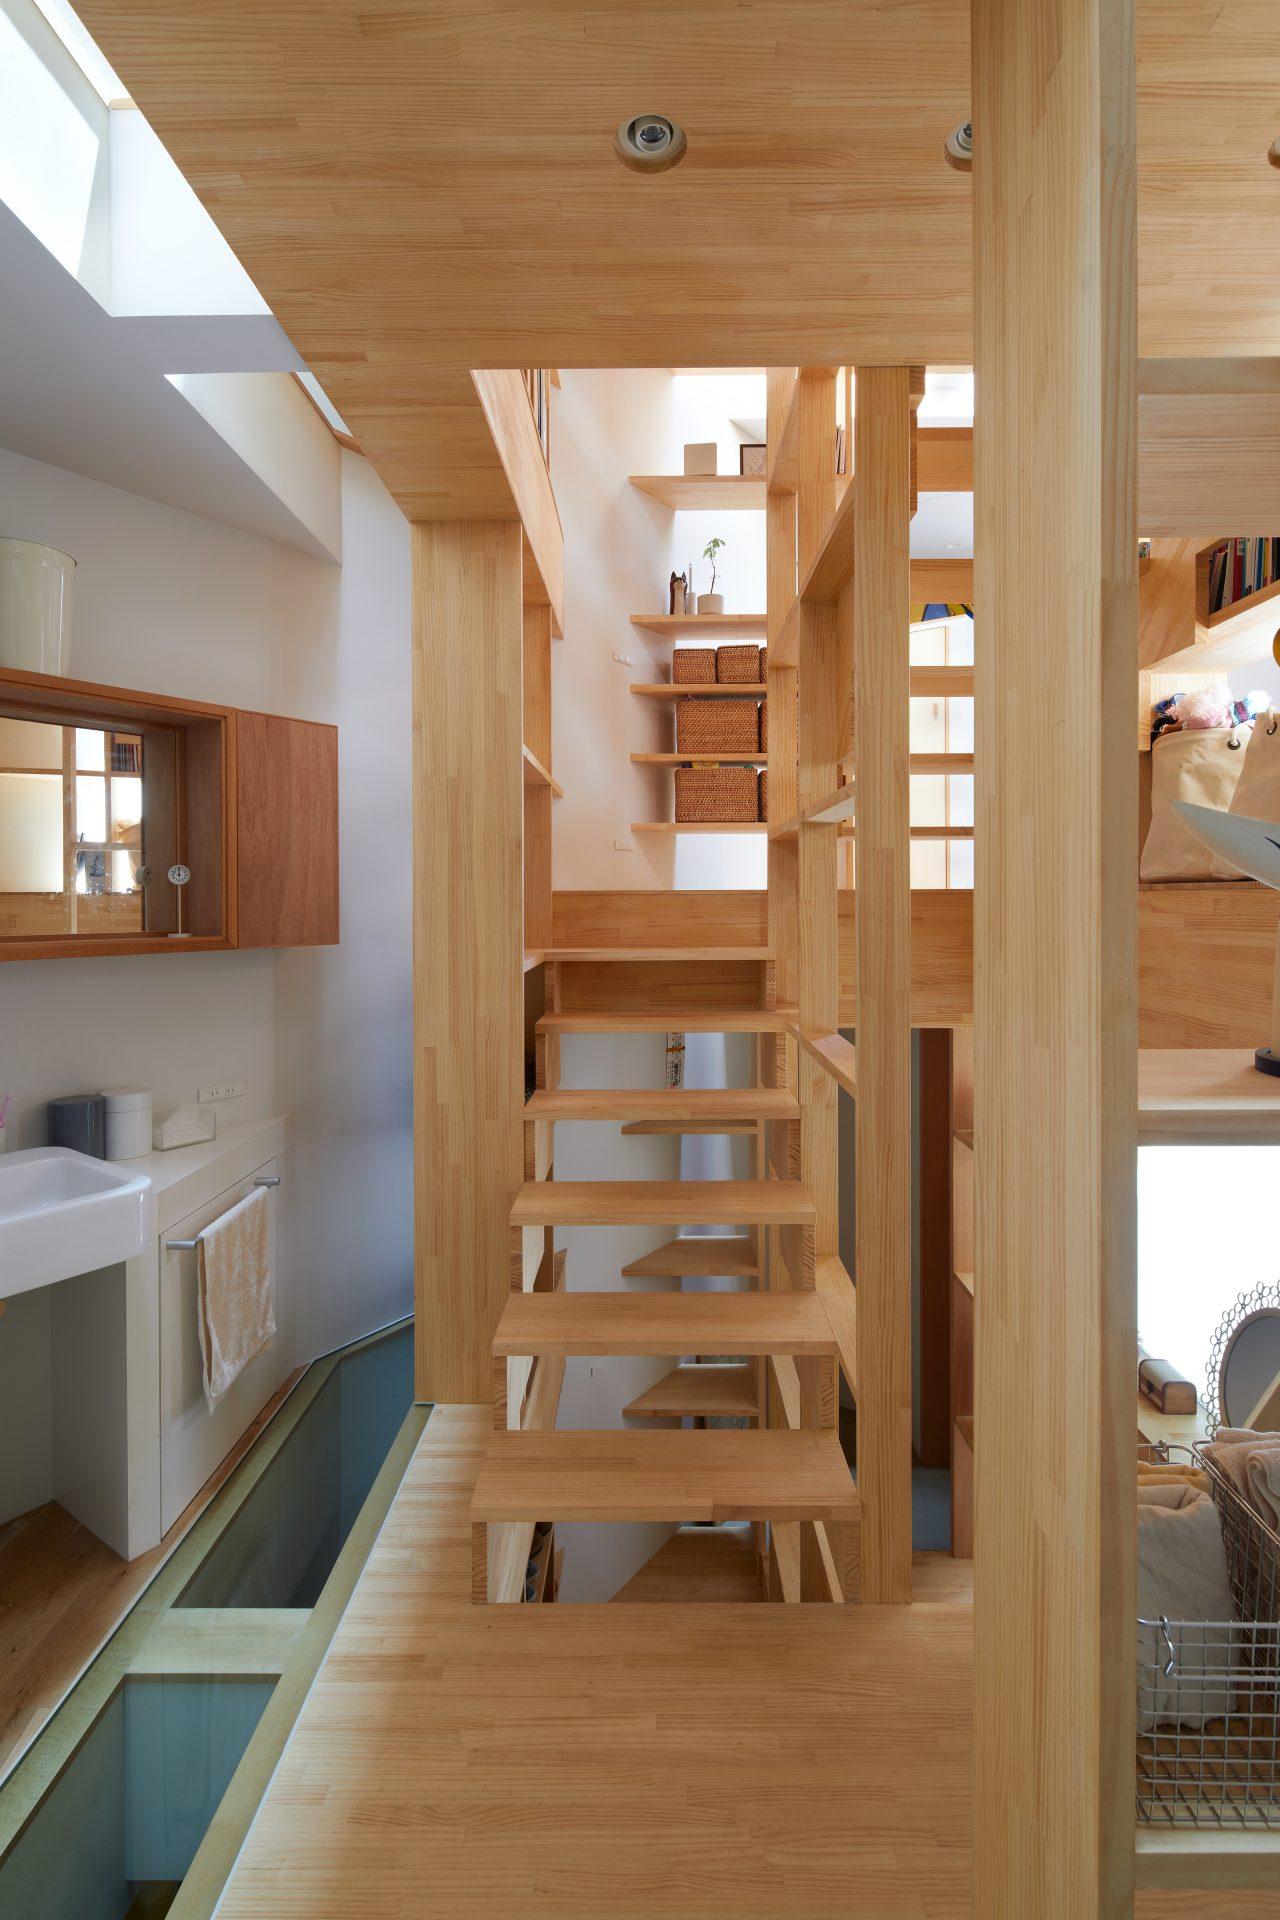 大阪帝塚山の家の階段09